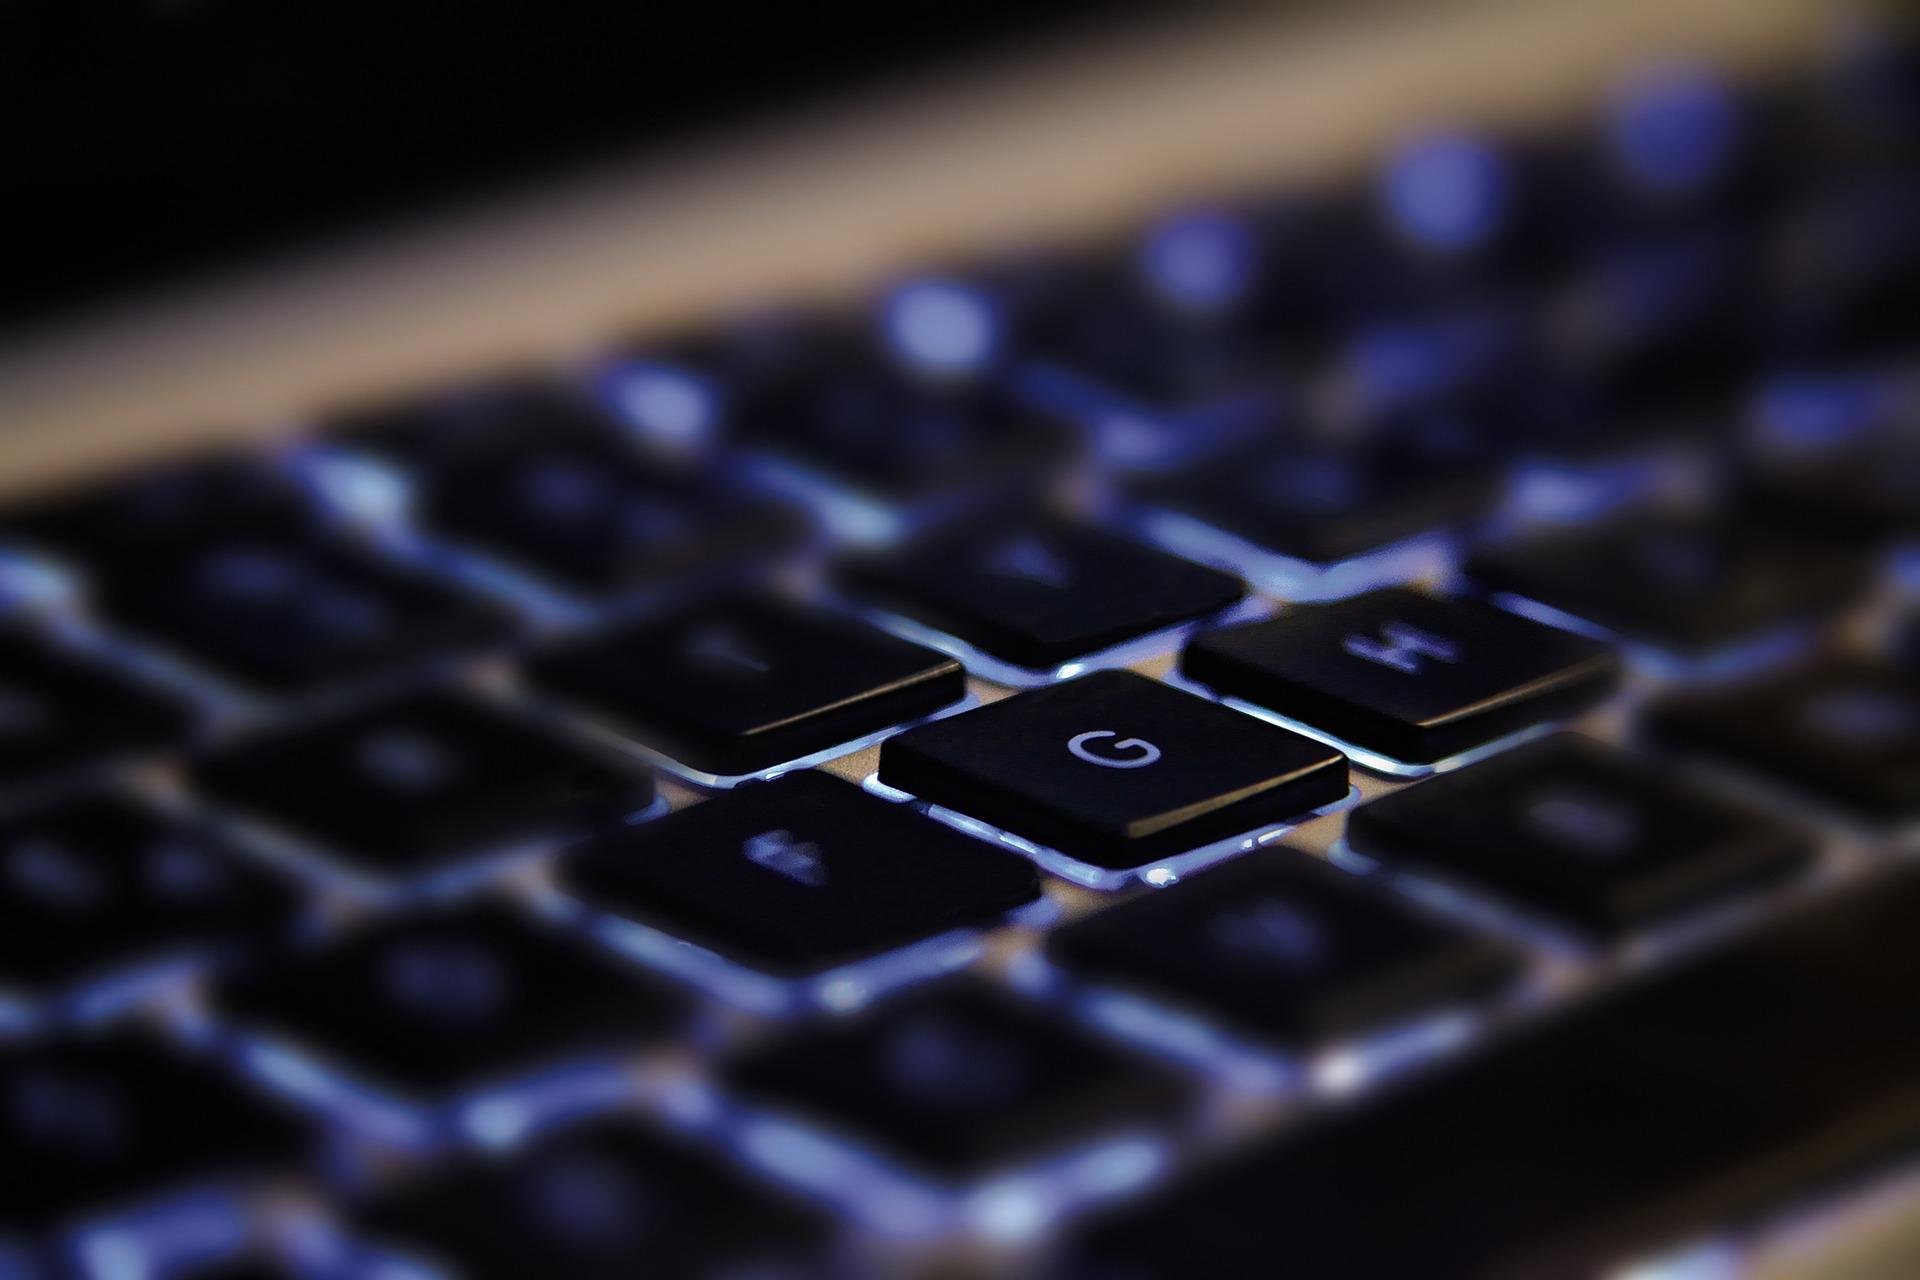 Computertastatur Keyboard mit leuchteneden Tasten als Beispiel für eine Technologie-Innovation der Innovationsarten